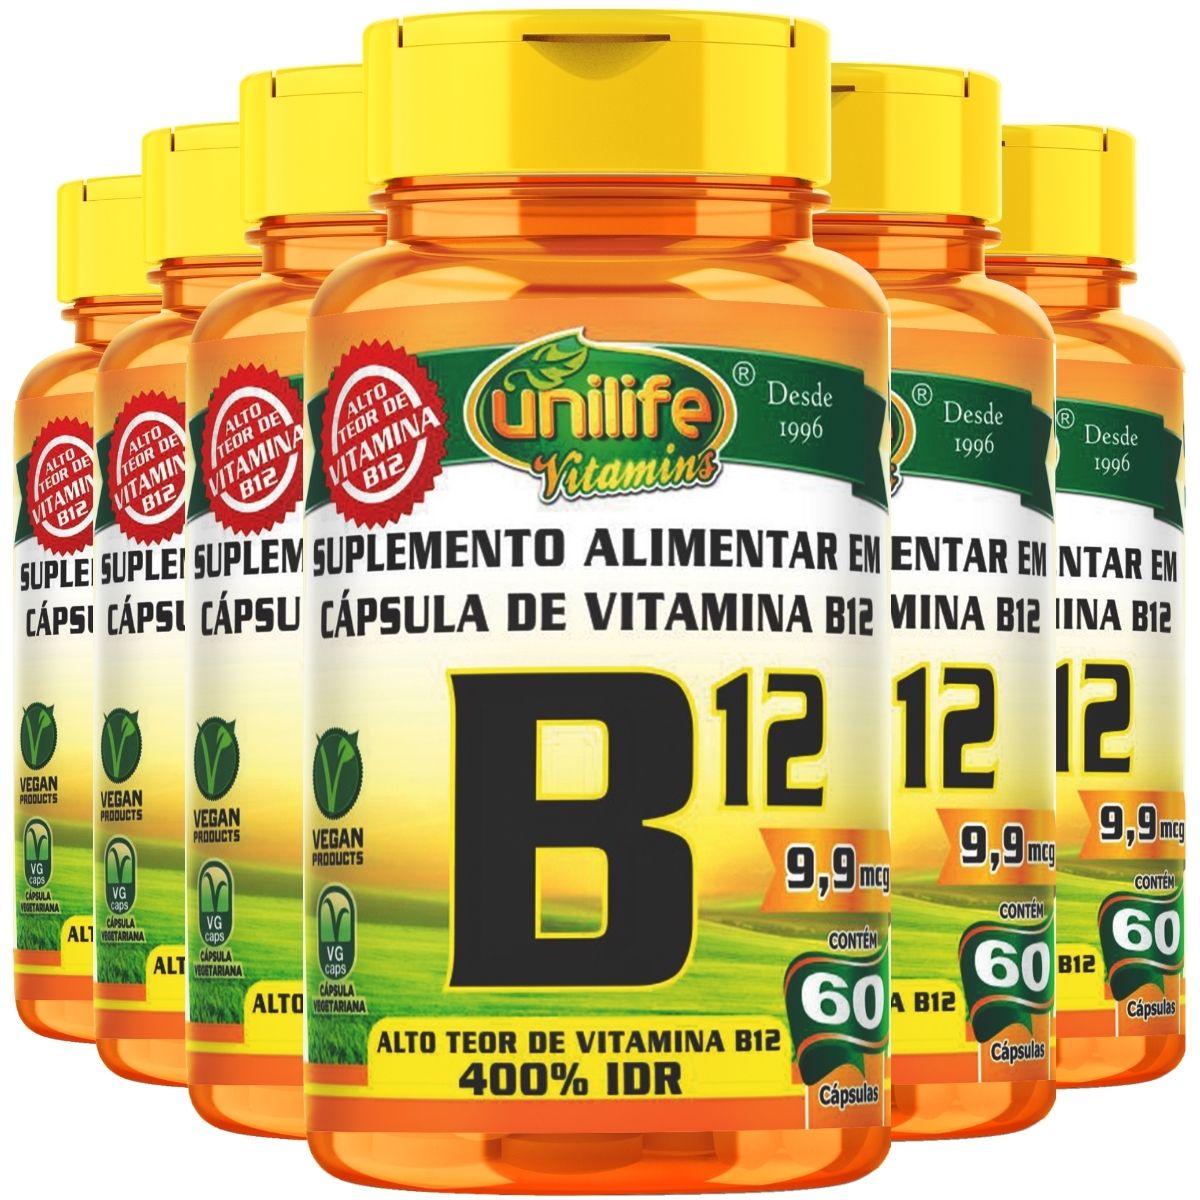 Kit 6 Vitamina B12 Cianocobalamina Unilife - 60 Cápsulas 450mg